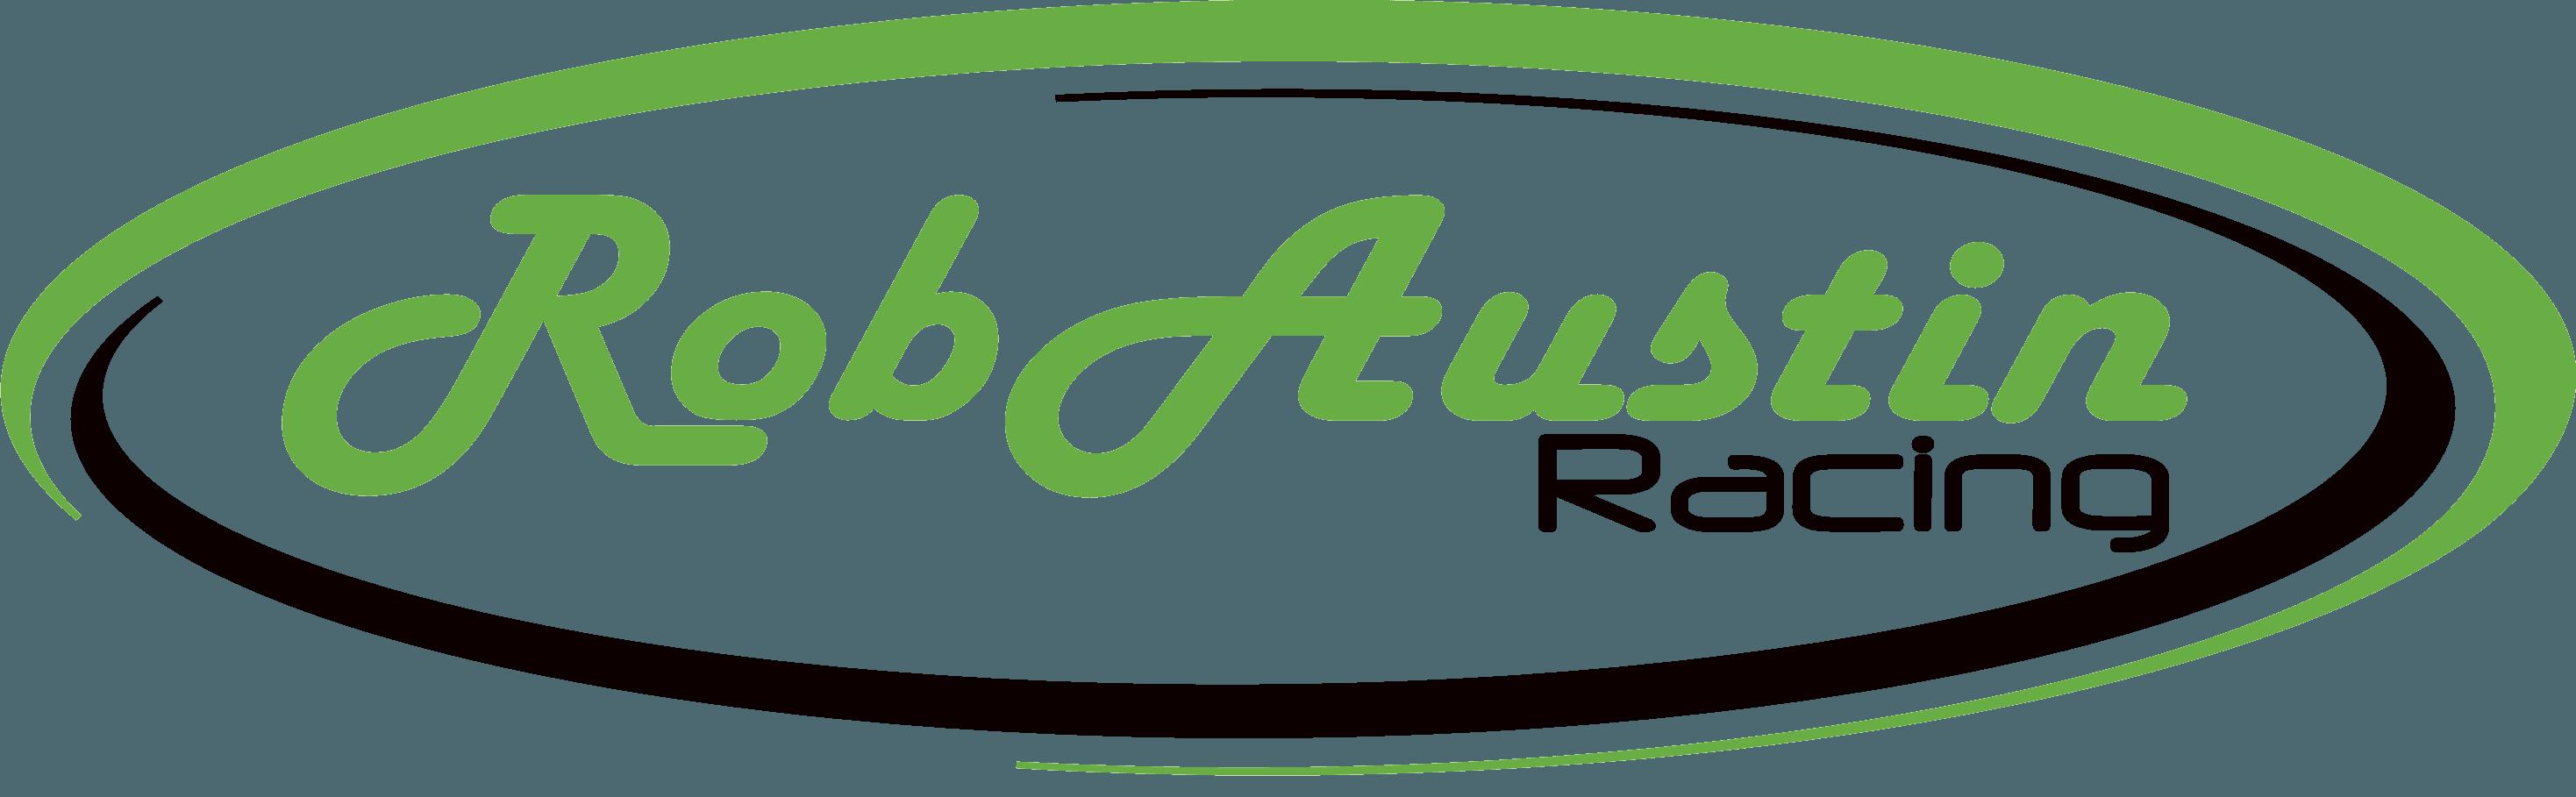 RobAustin.com